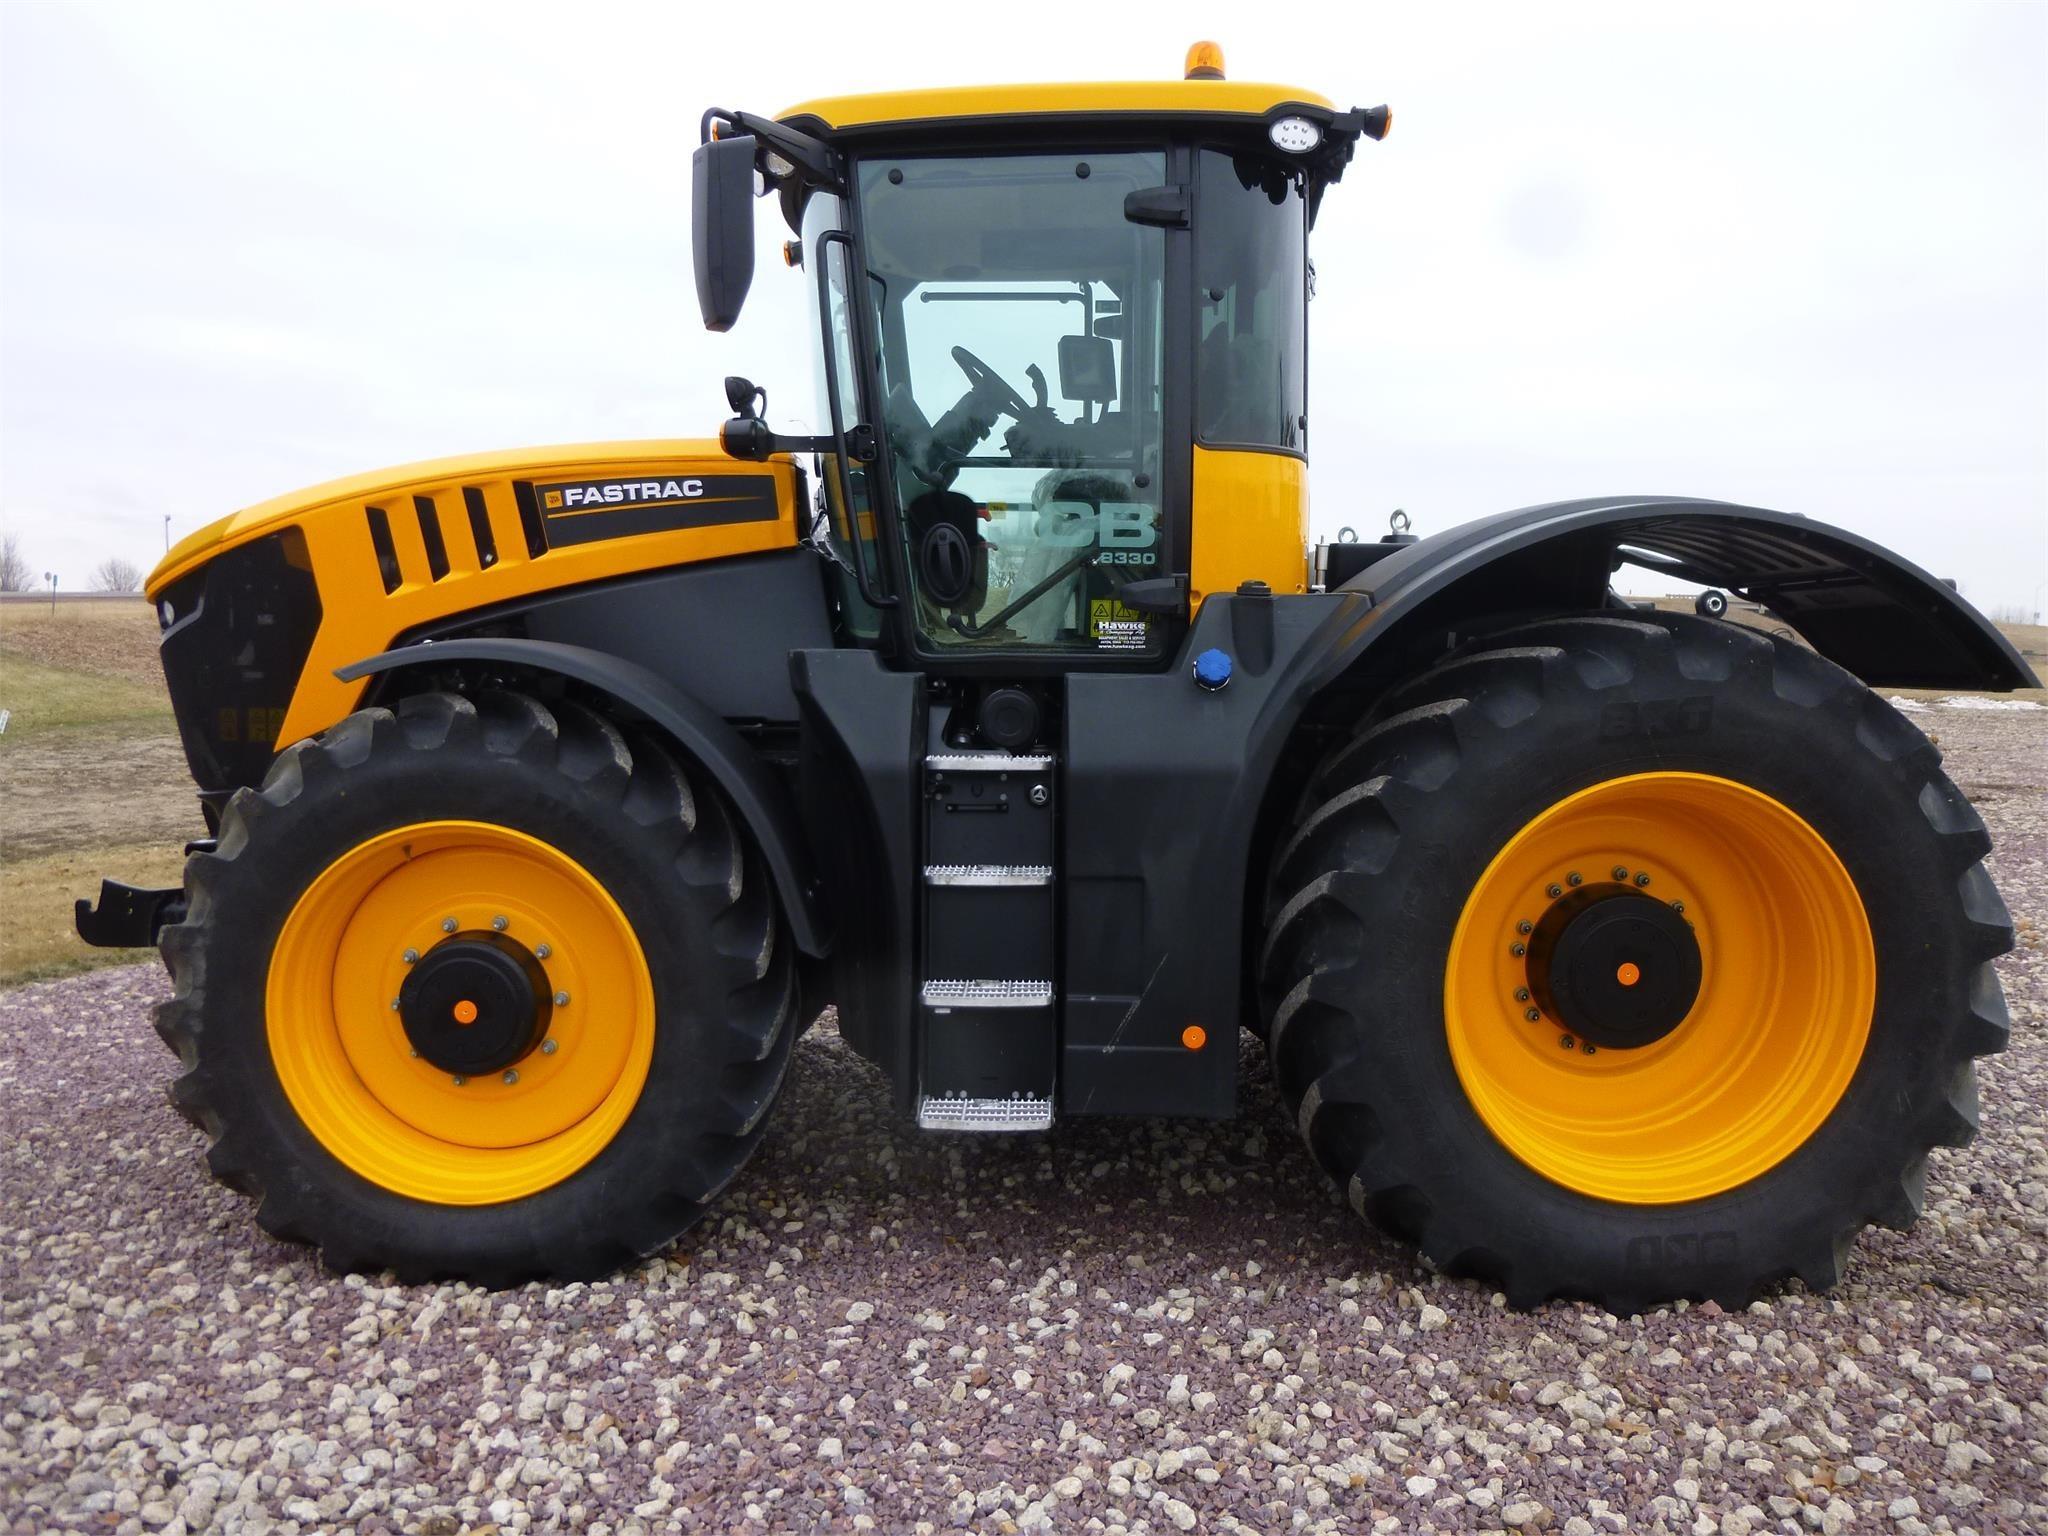 2020 JCB FASTRAC 8330 Tractor